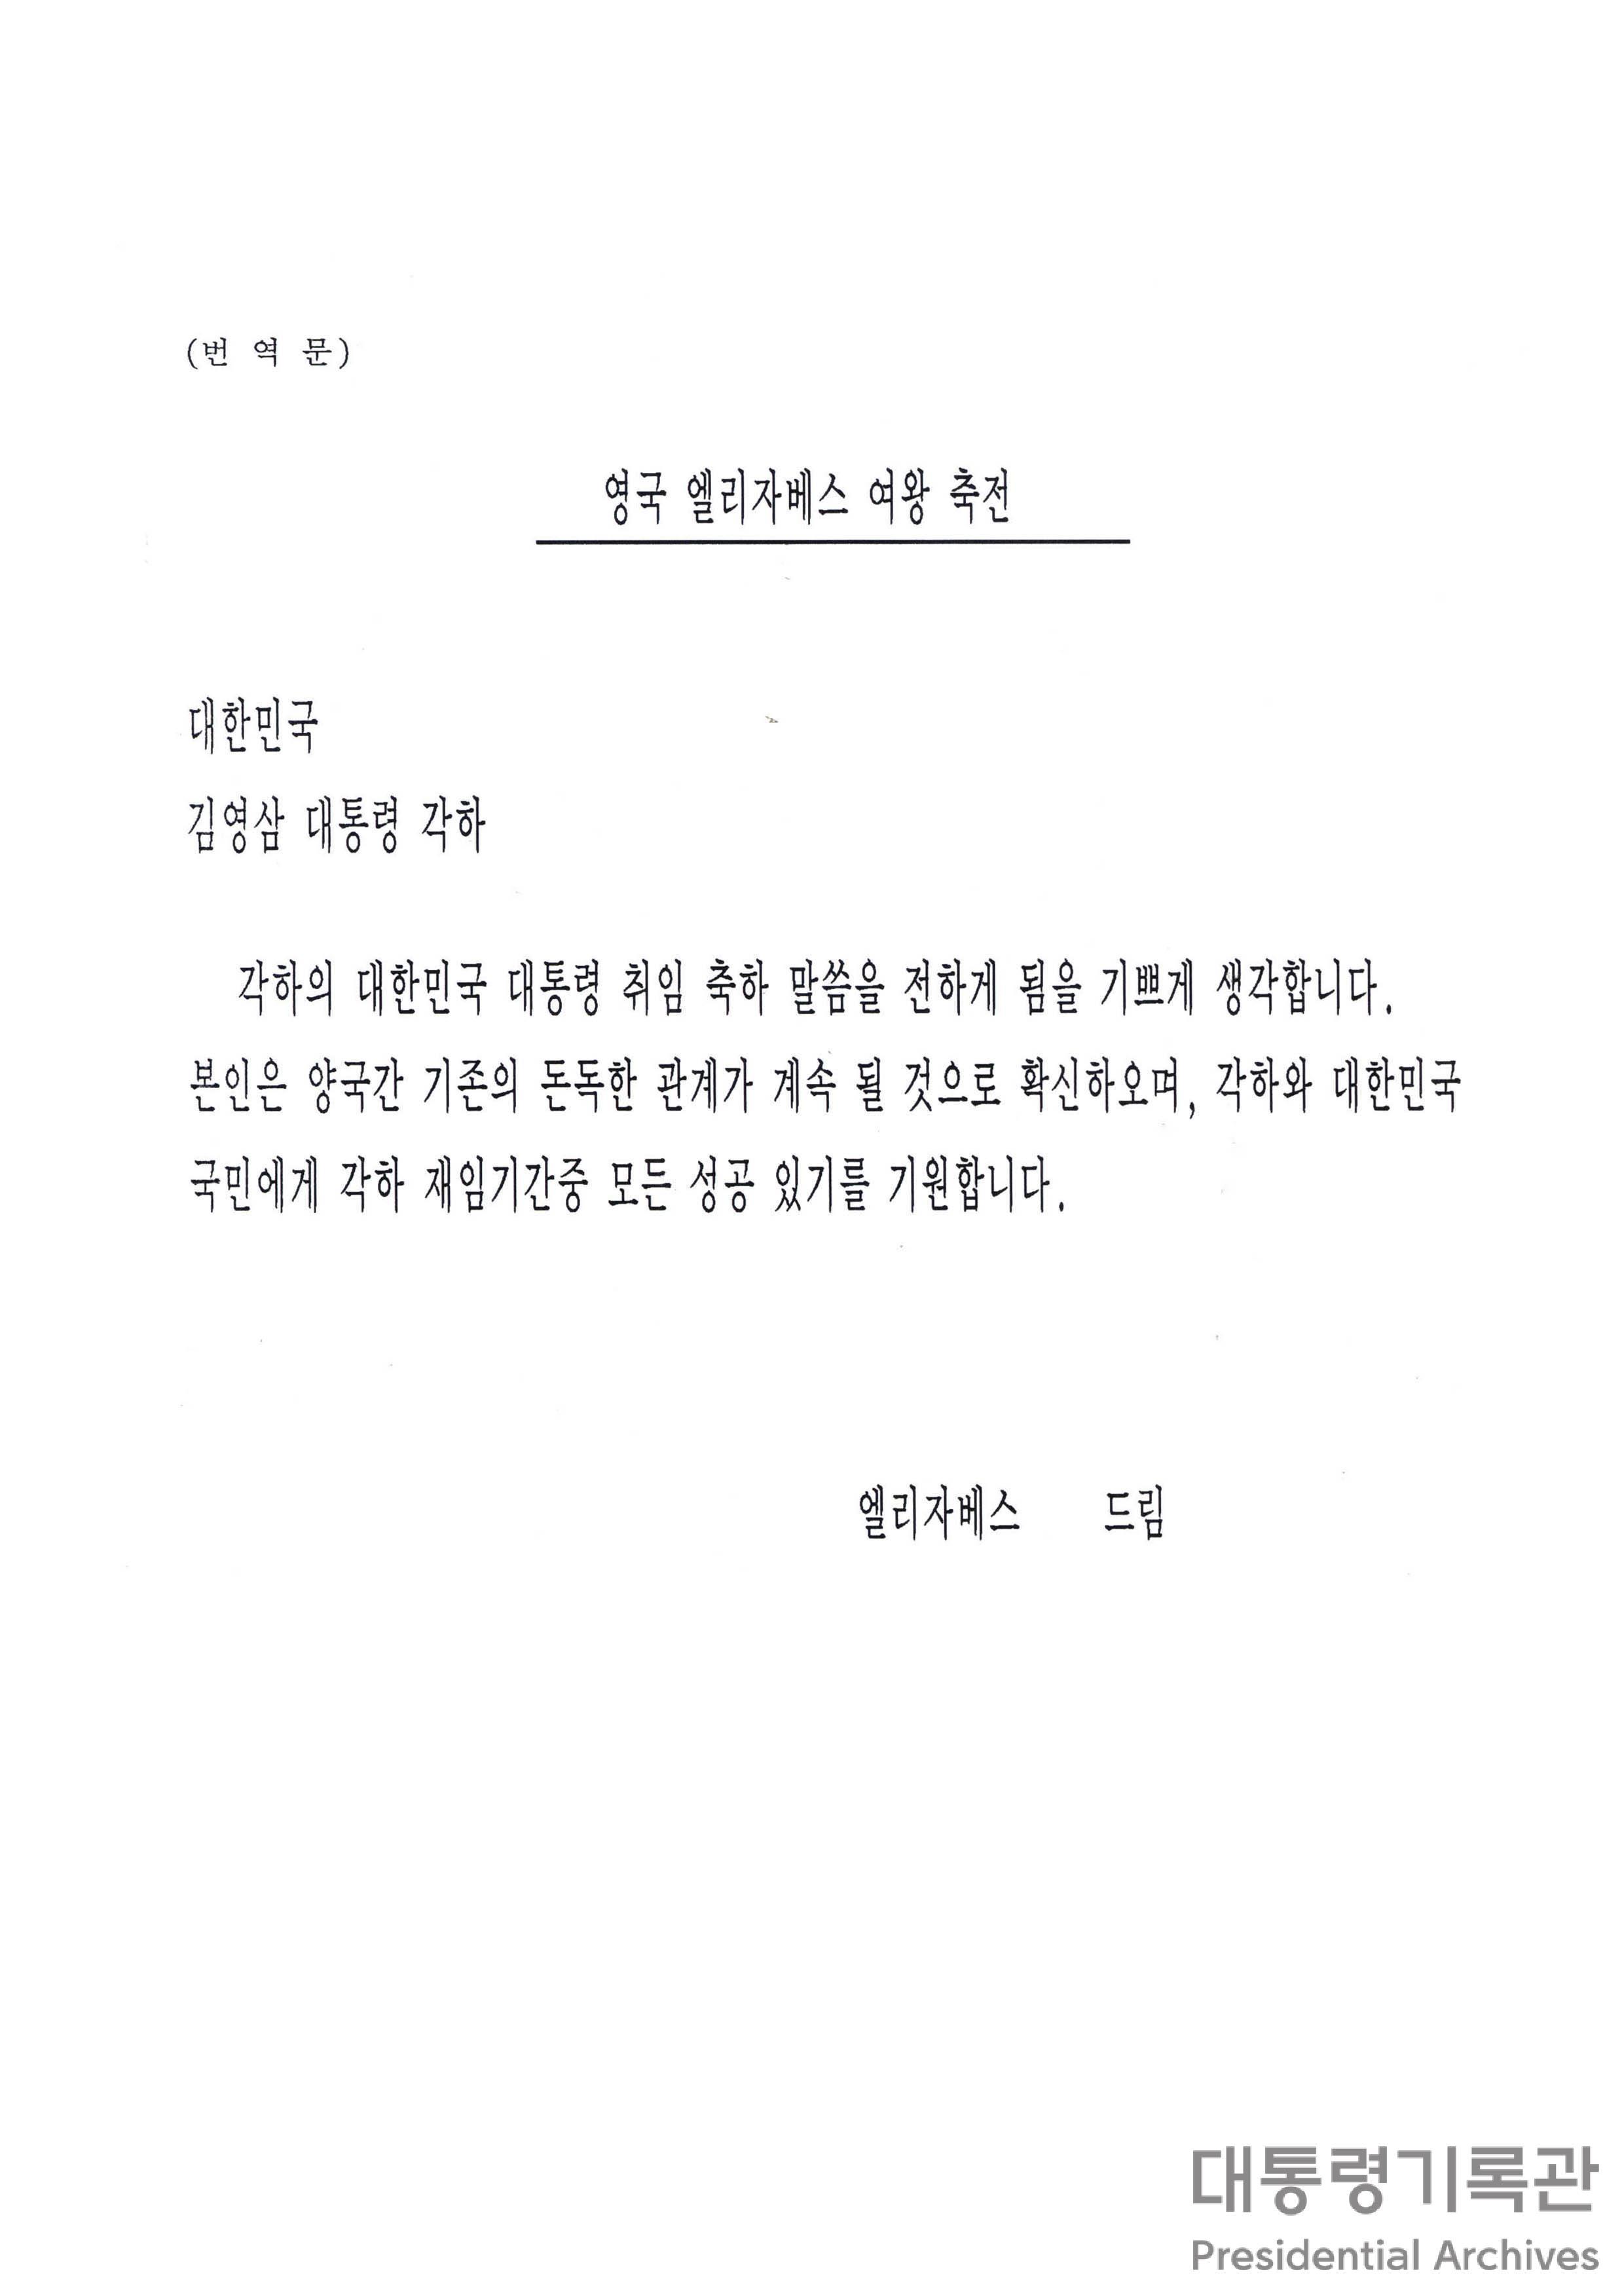 엘리자베스(Elizabeth R) 영국여왕이 김영삼 대통령에 보낸 서한